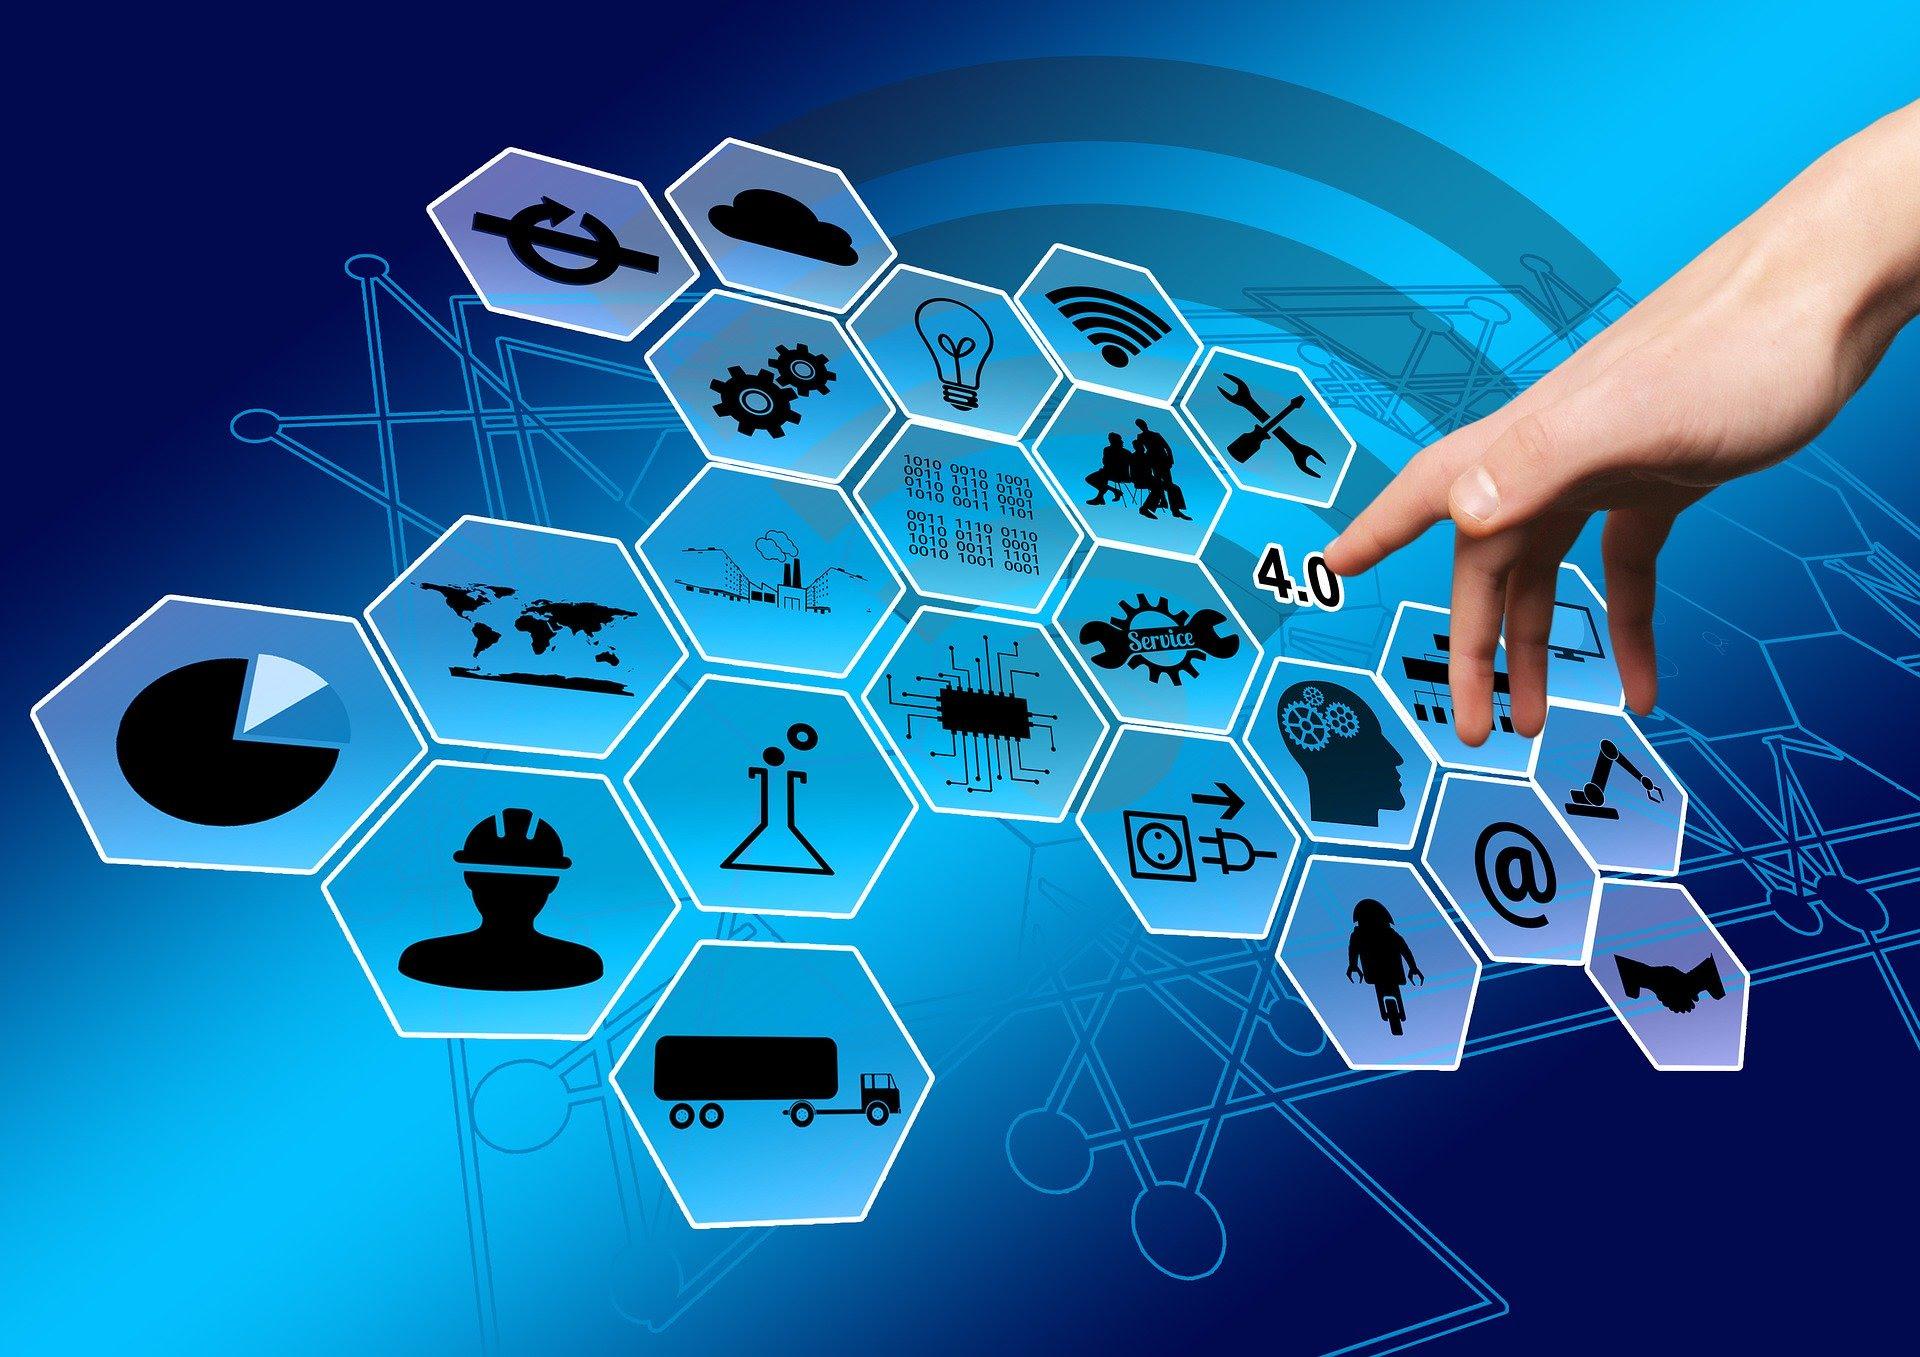 Indústria 4.0 será fundamental no momento da retomada econômica pós-pandemia